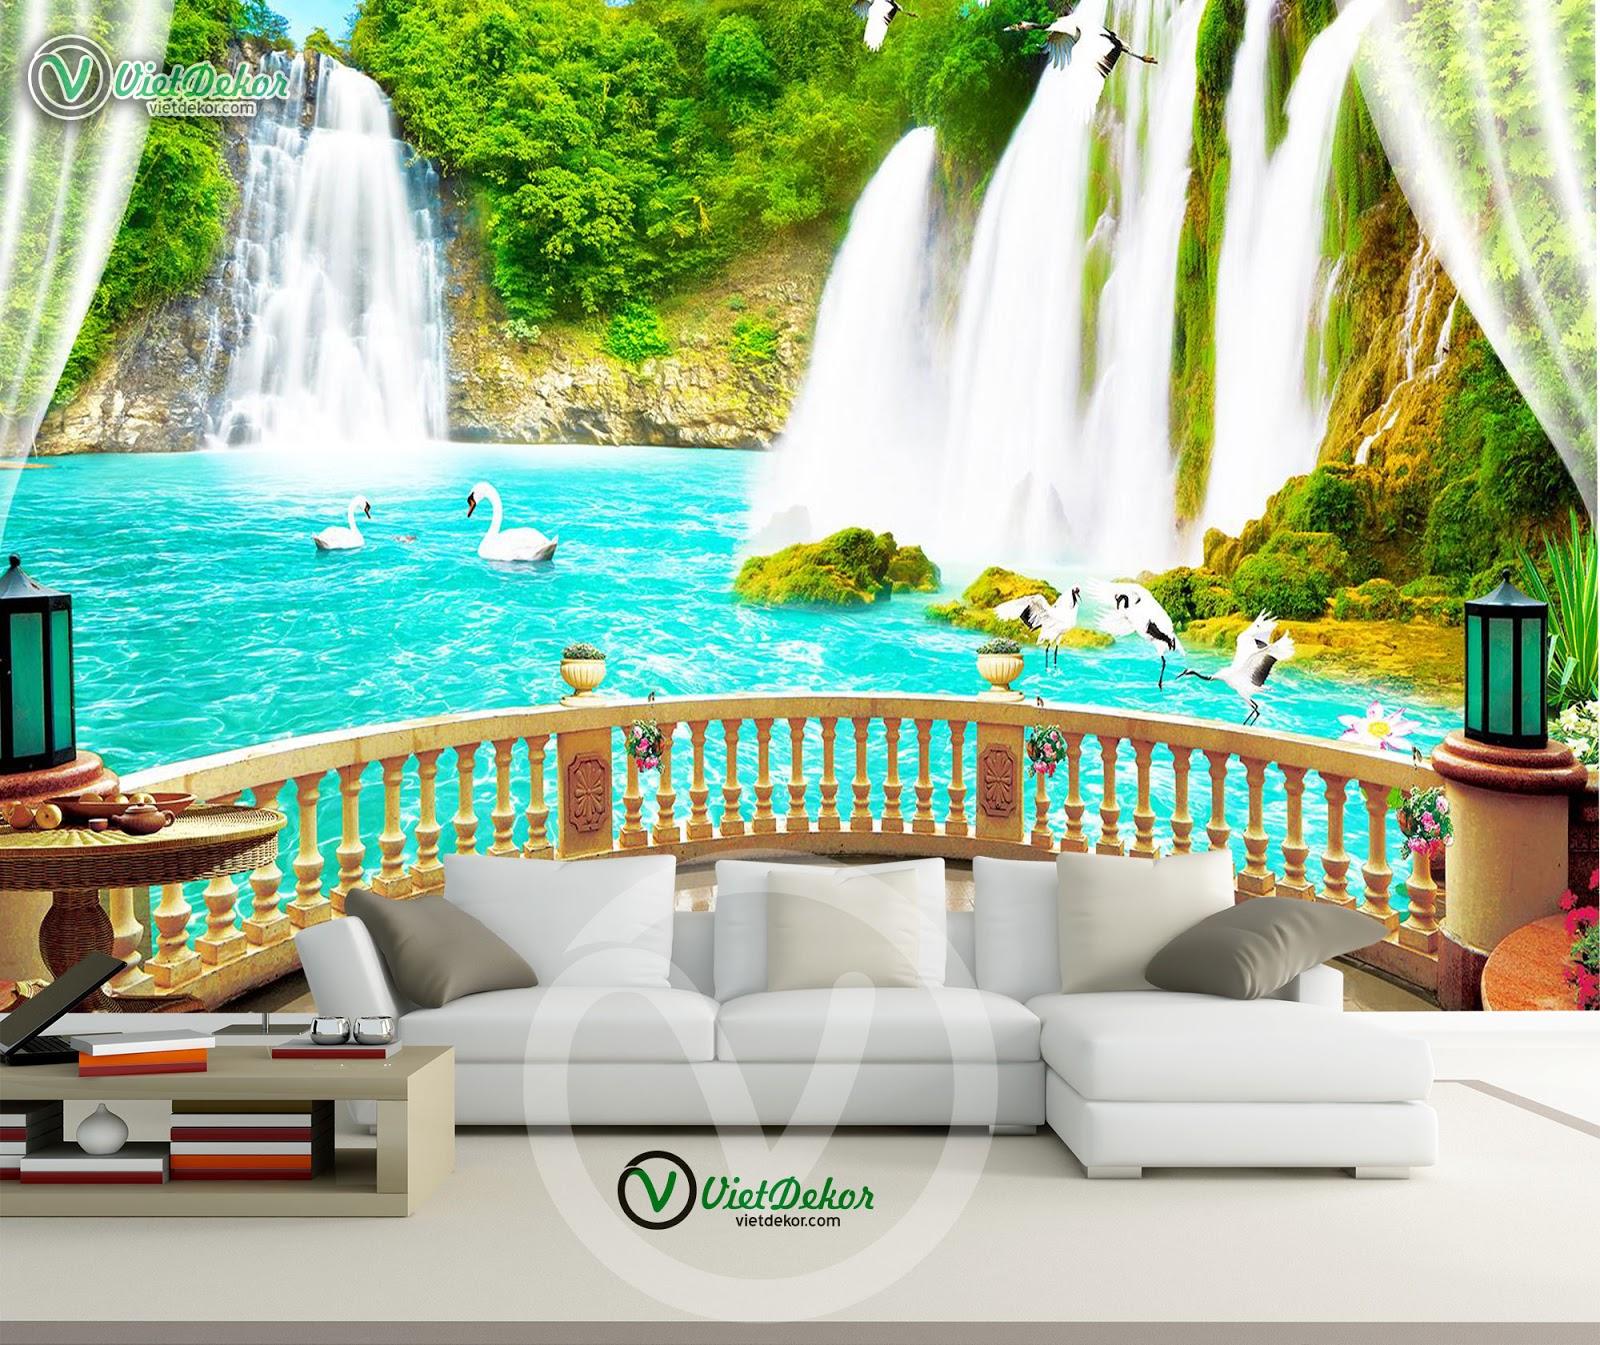 Tranh dán tường thác nước phong thủy cho phòng khách